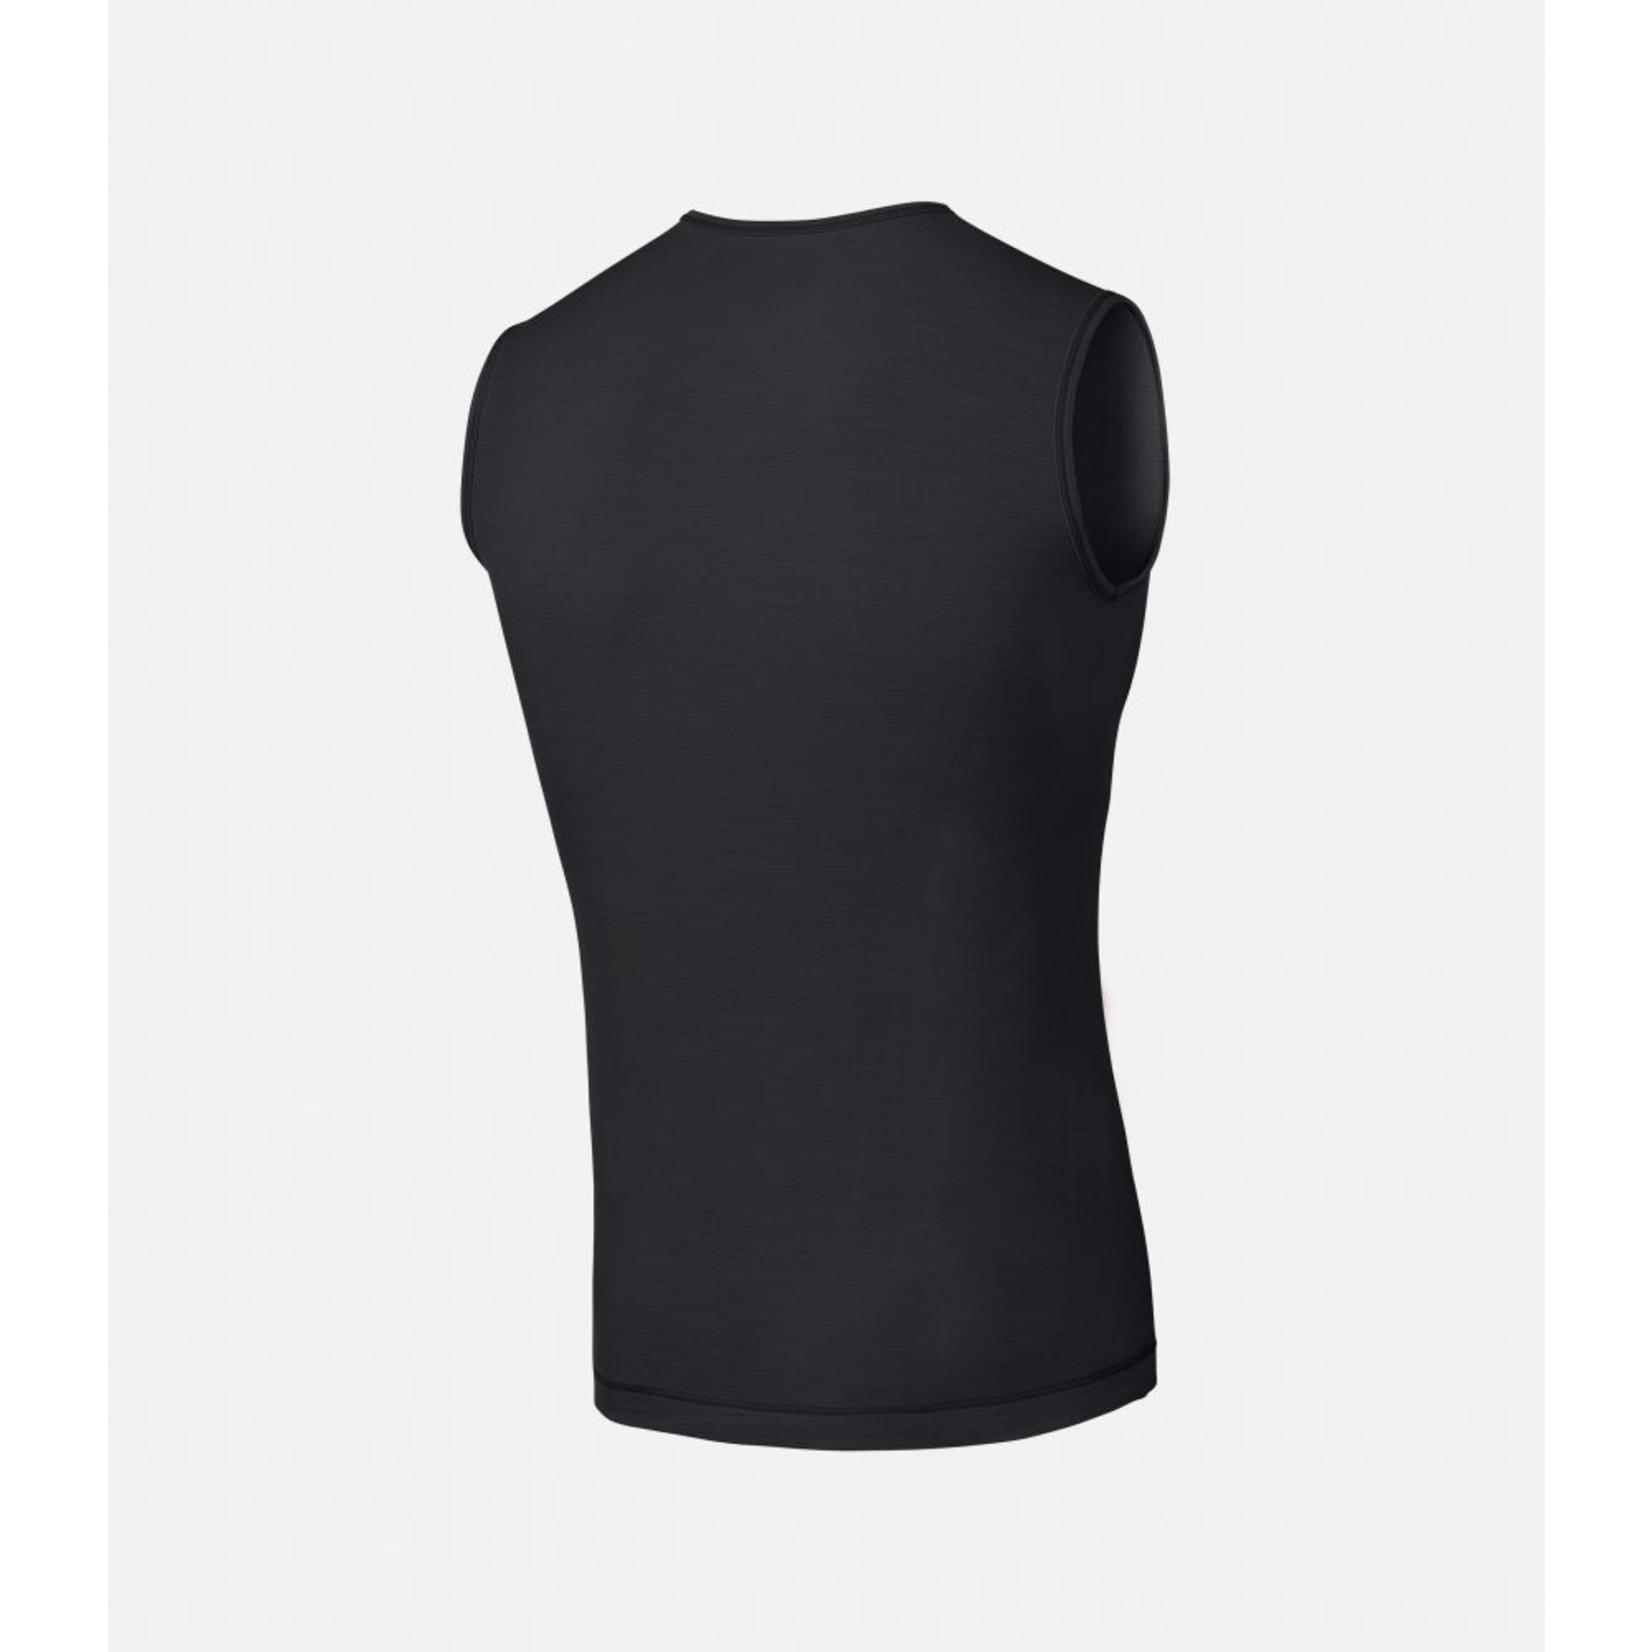 PEdALED PEdALED Merino sleeveless base layer L